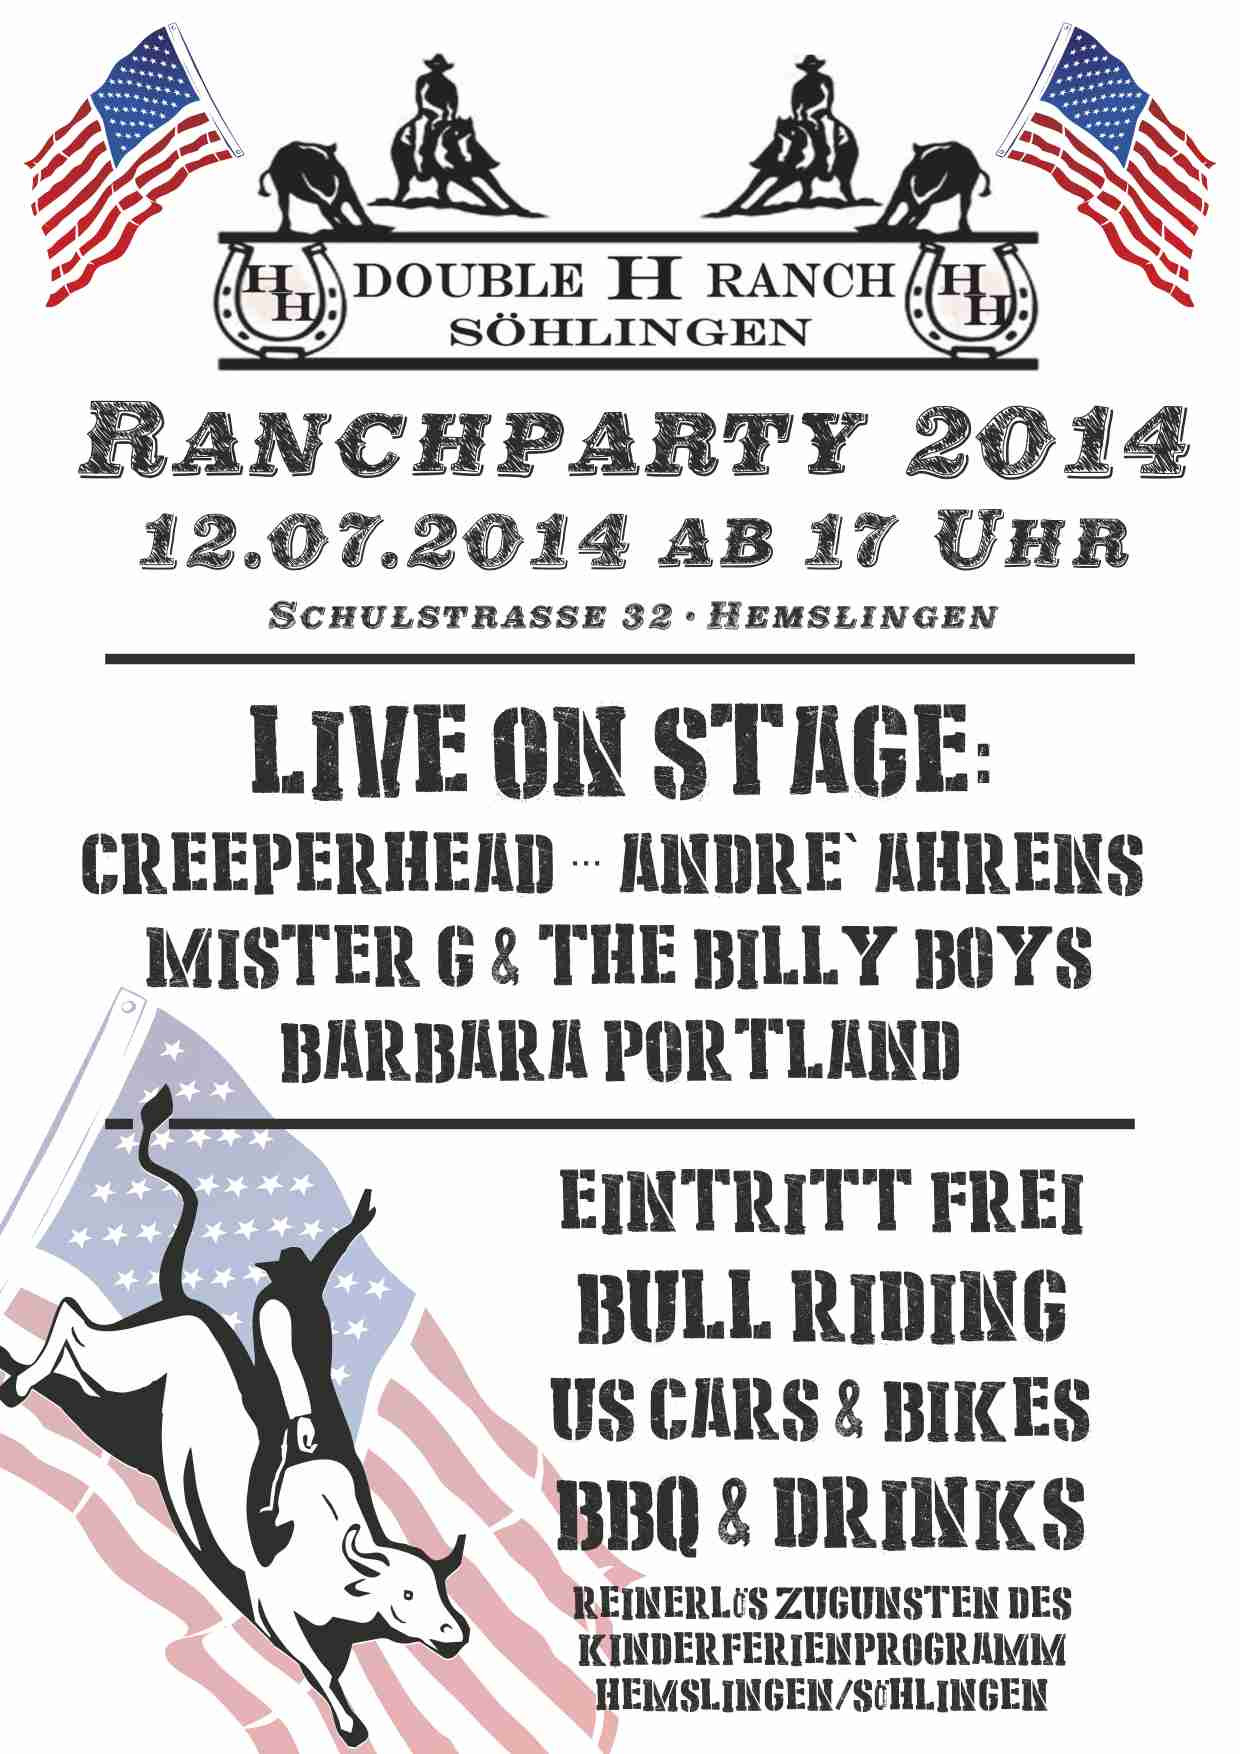 http://double-h-ranch.de/wp-content/uploads/2014/02/Ranch-Party_Web-RGB.jpg